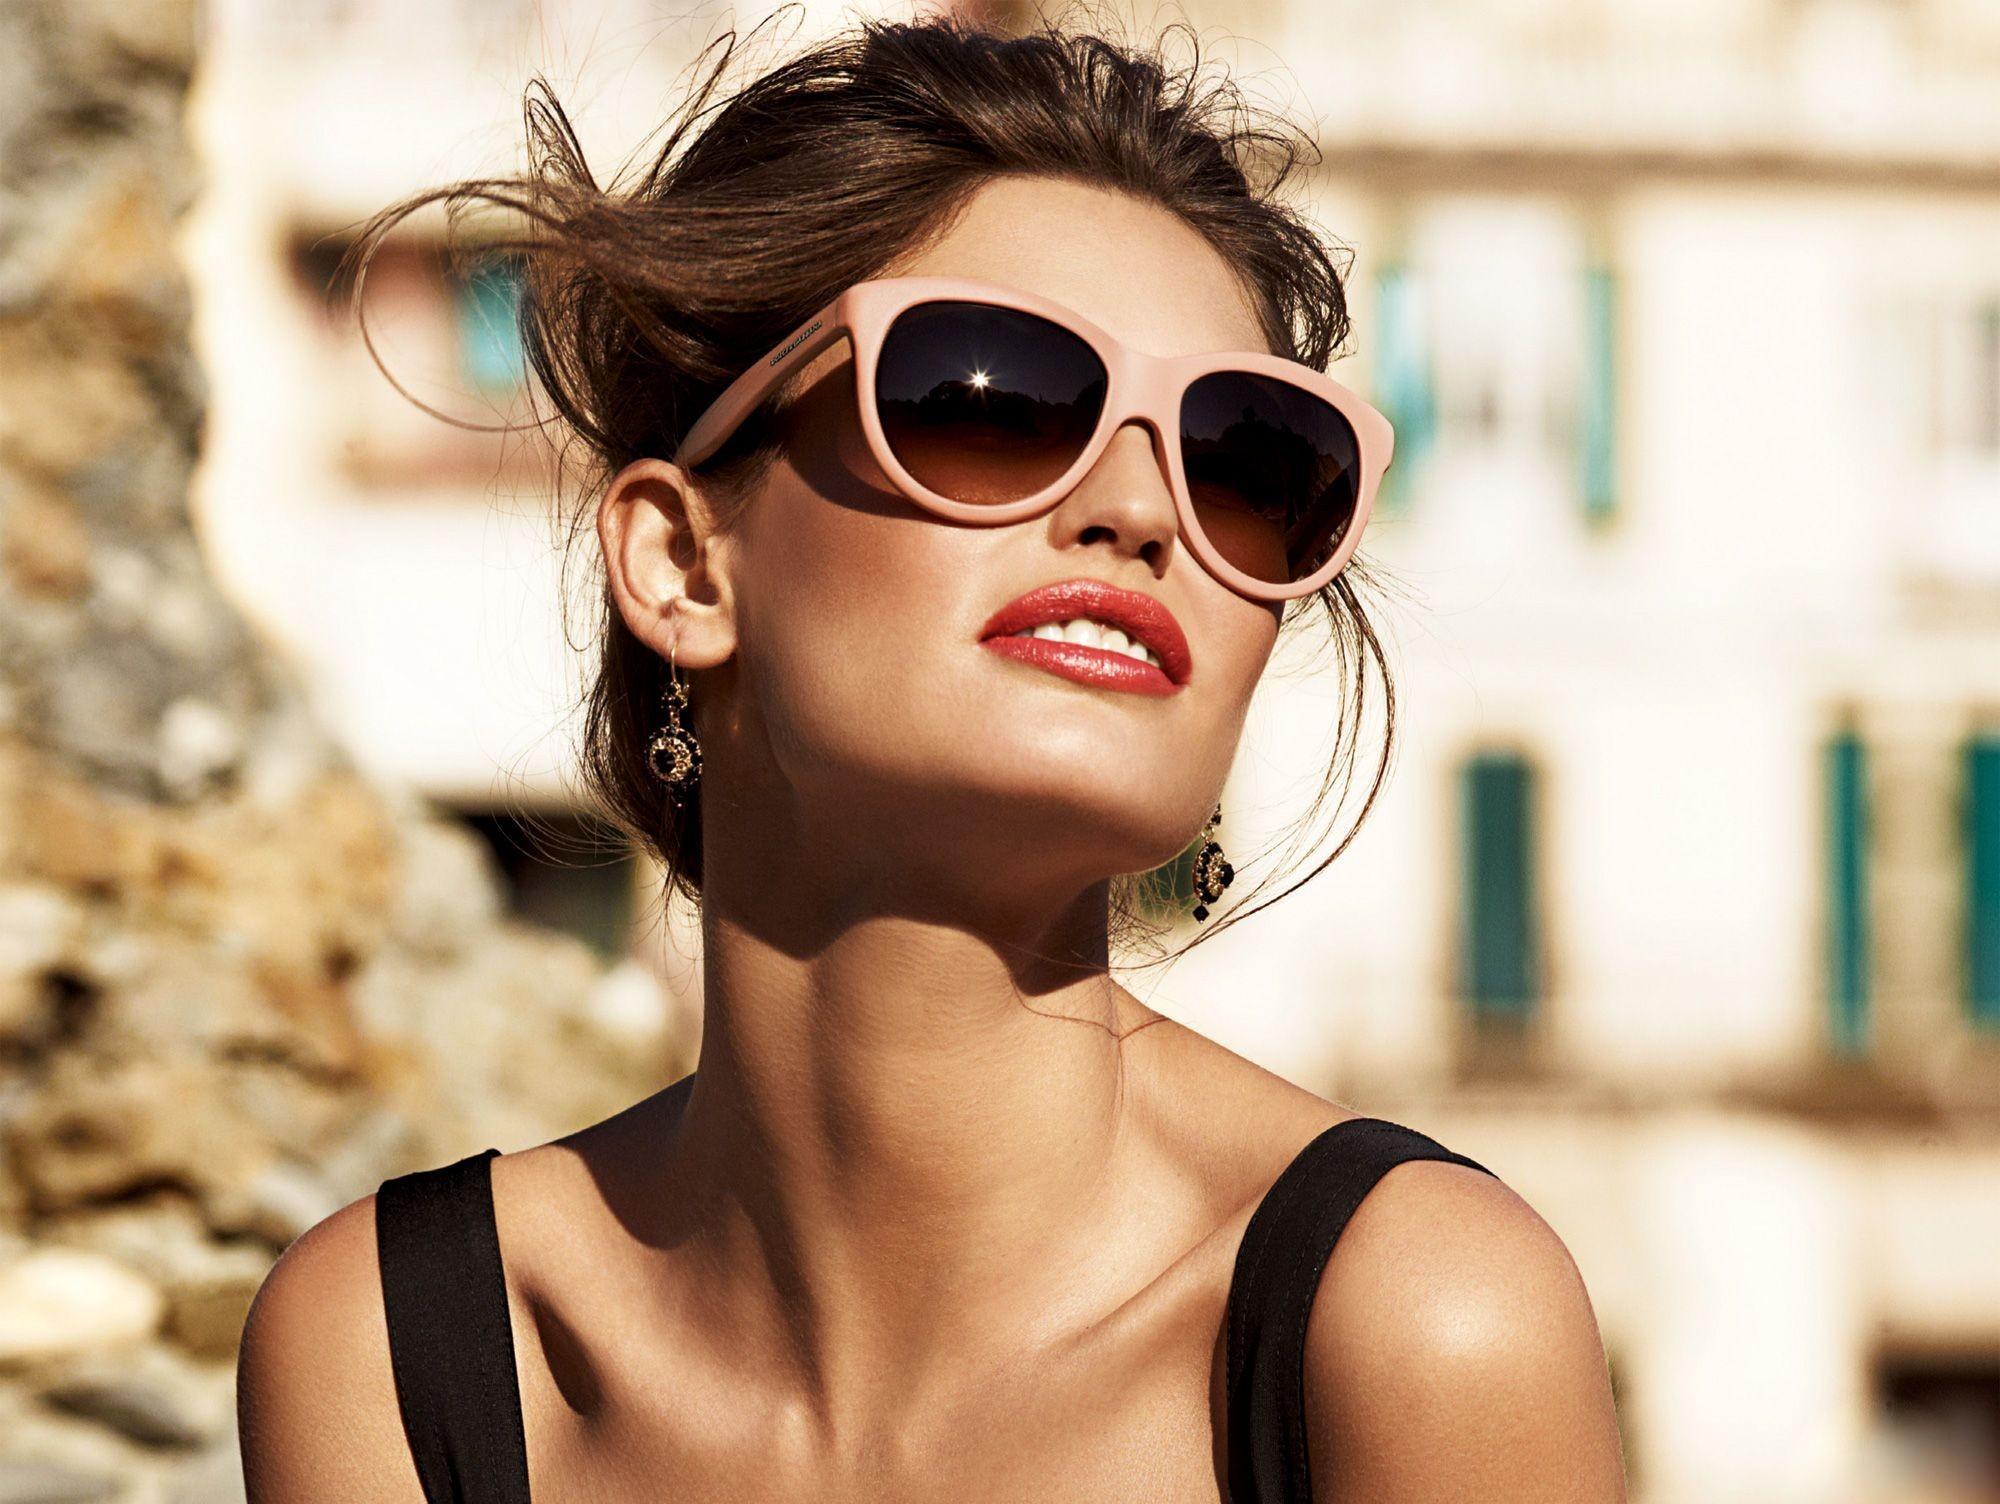 Красивая девушка картинка мода